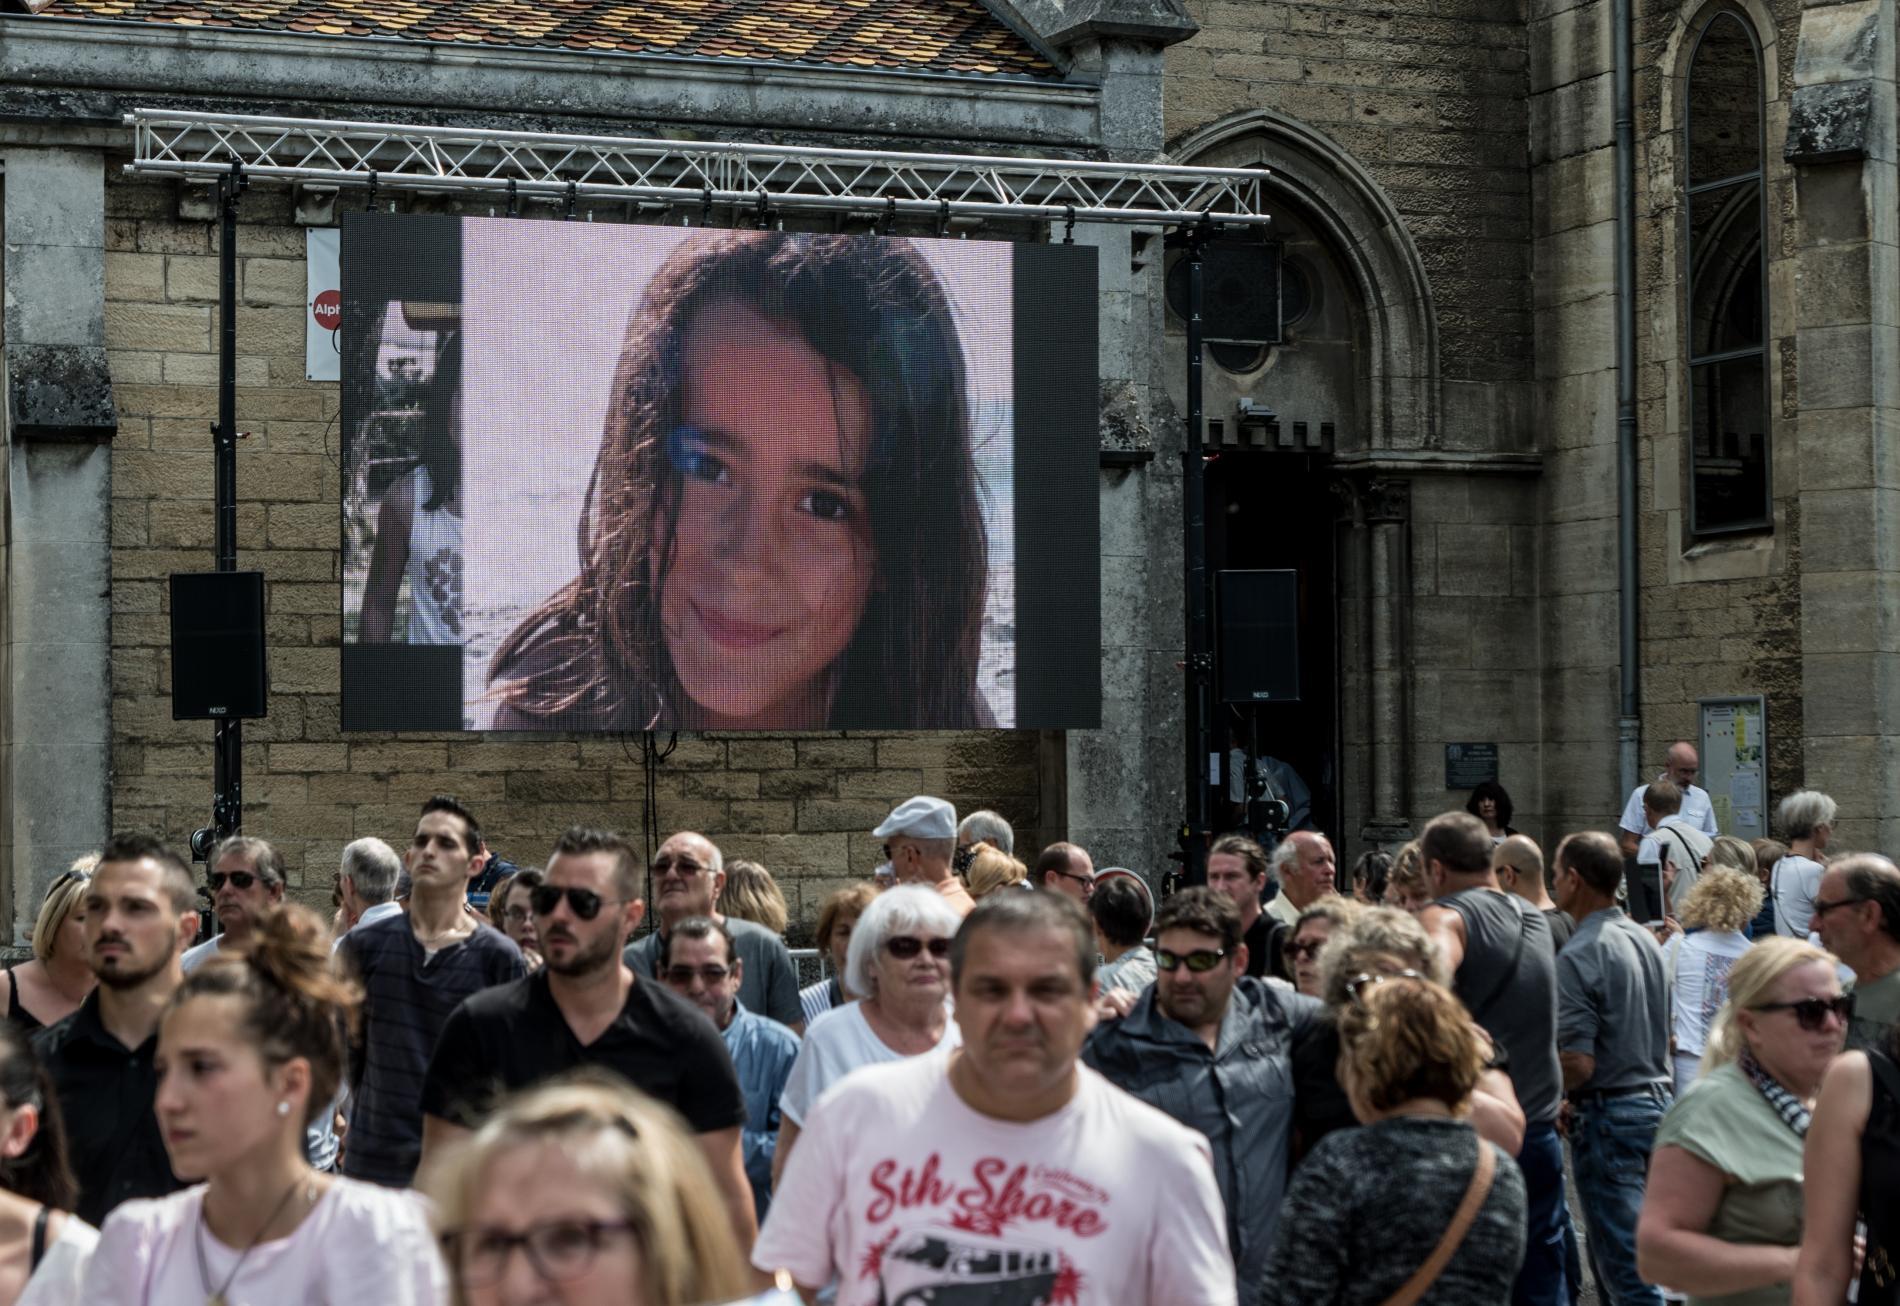 Les obsèques de Maëlys de Araujo le 2 juin 2018 à La Tour-du-Pin (Isère).